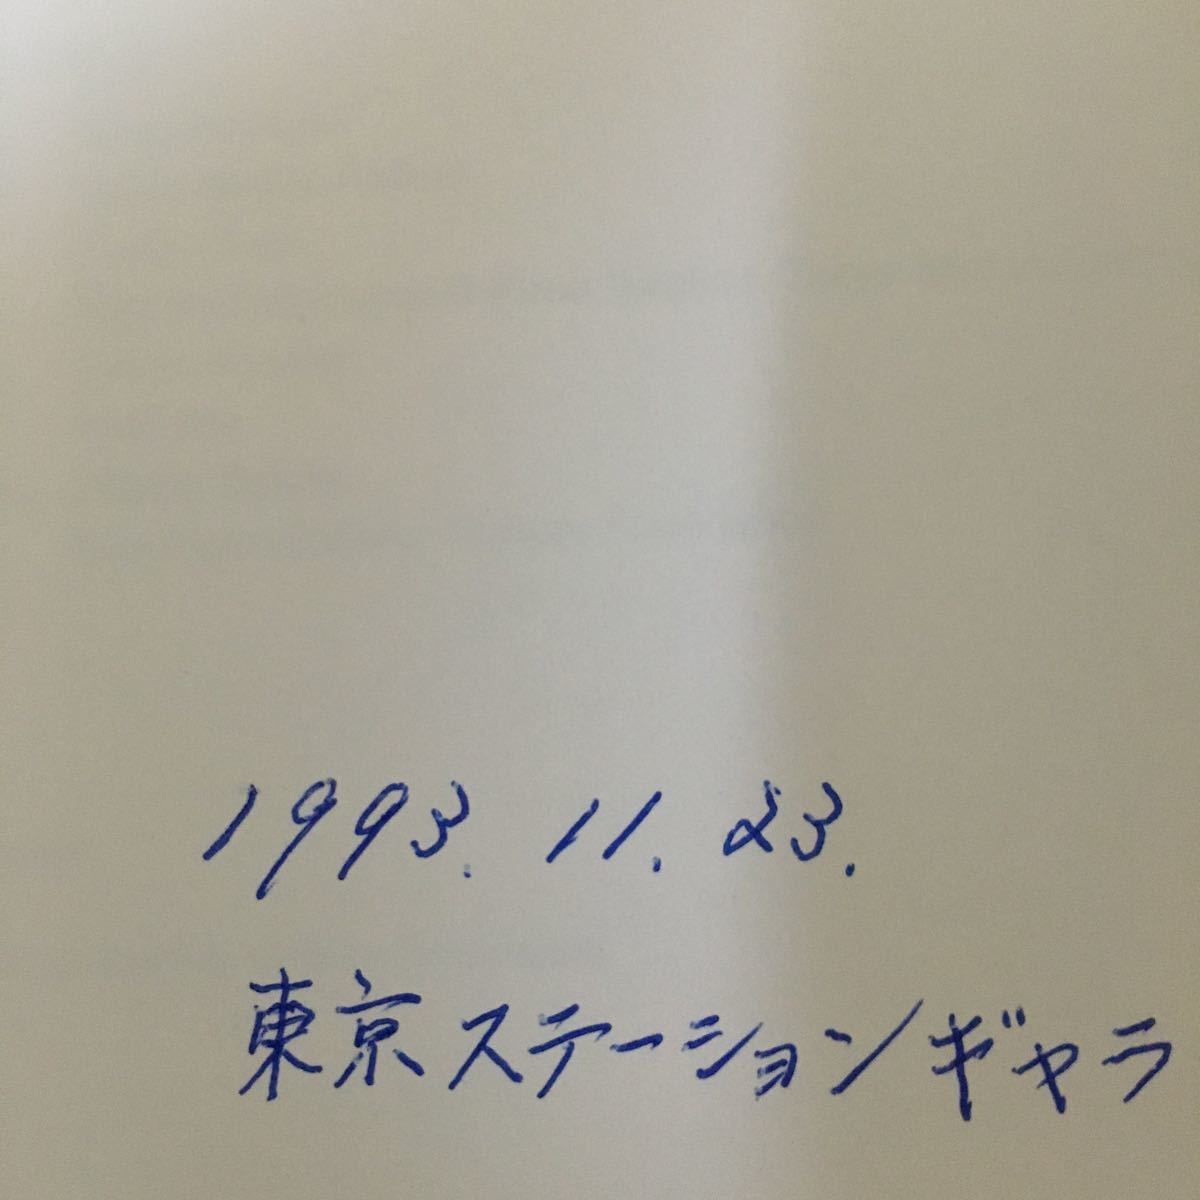 図録 バルテュス展 ジャン・レマリー 1993 東日本鉄道文化財団 東京ステーションギャラリーBALTHUS_画像8